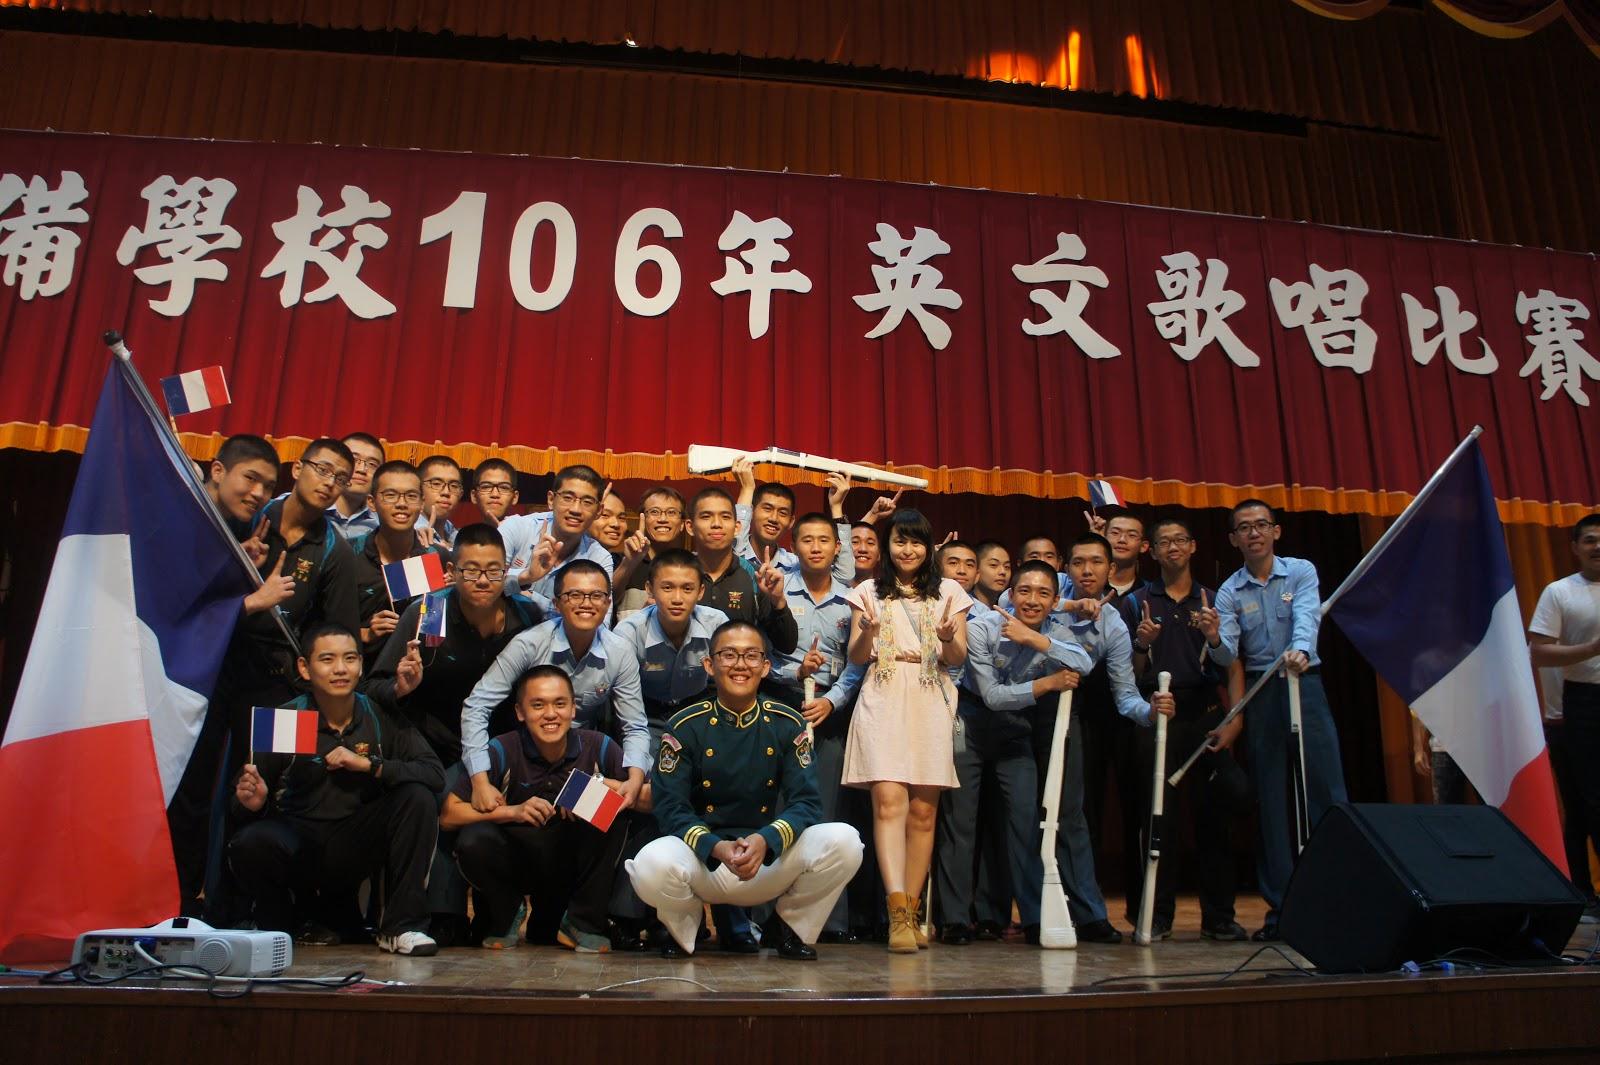 中正國防幹部預備學校: 高三英文歌唱比賽活動紀實